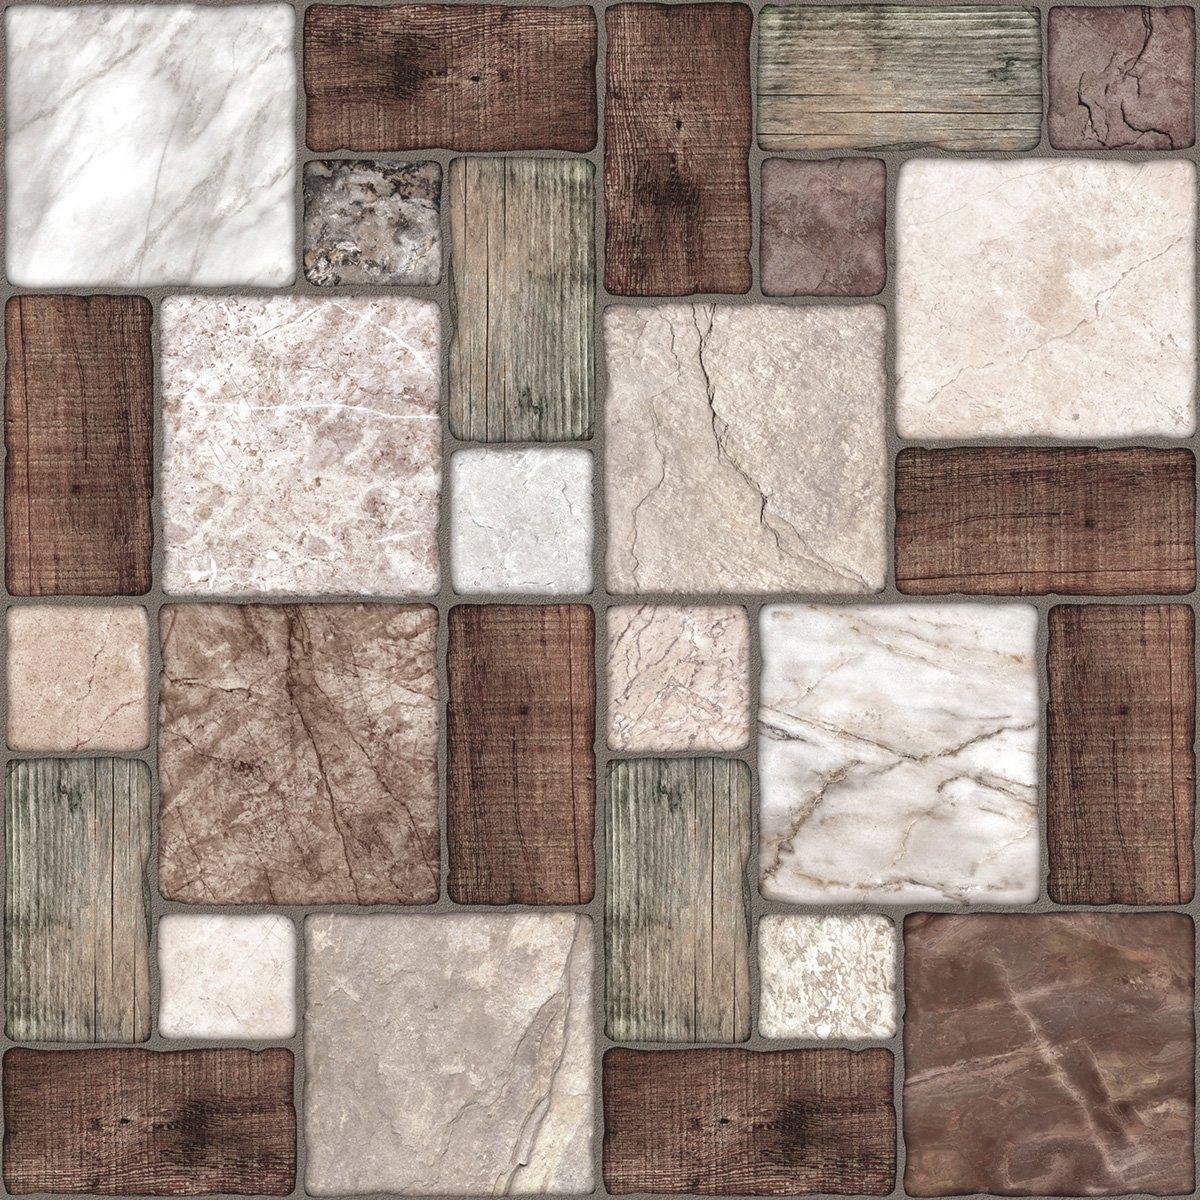 Adhesivos de azulejos de pared para azulejos de 15 x 15 cm, simplemente despegar y adherir en la cocina, el bañ o o cualquier otro lugar donde tengas azulejos para transformarlos por completo Resistencia:resistente al aceite, al agua, al calor y a l